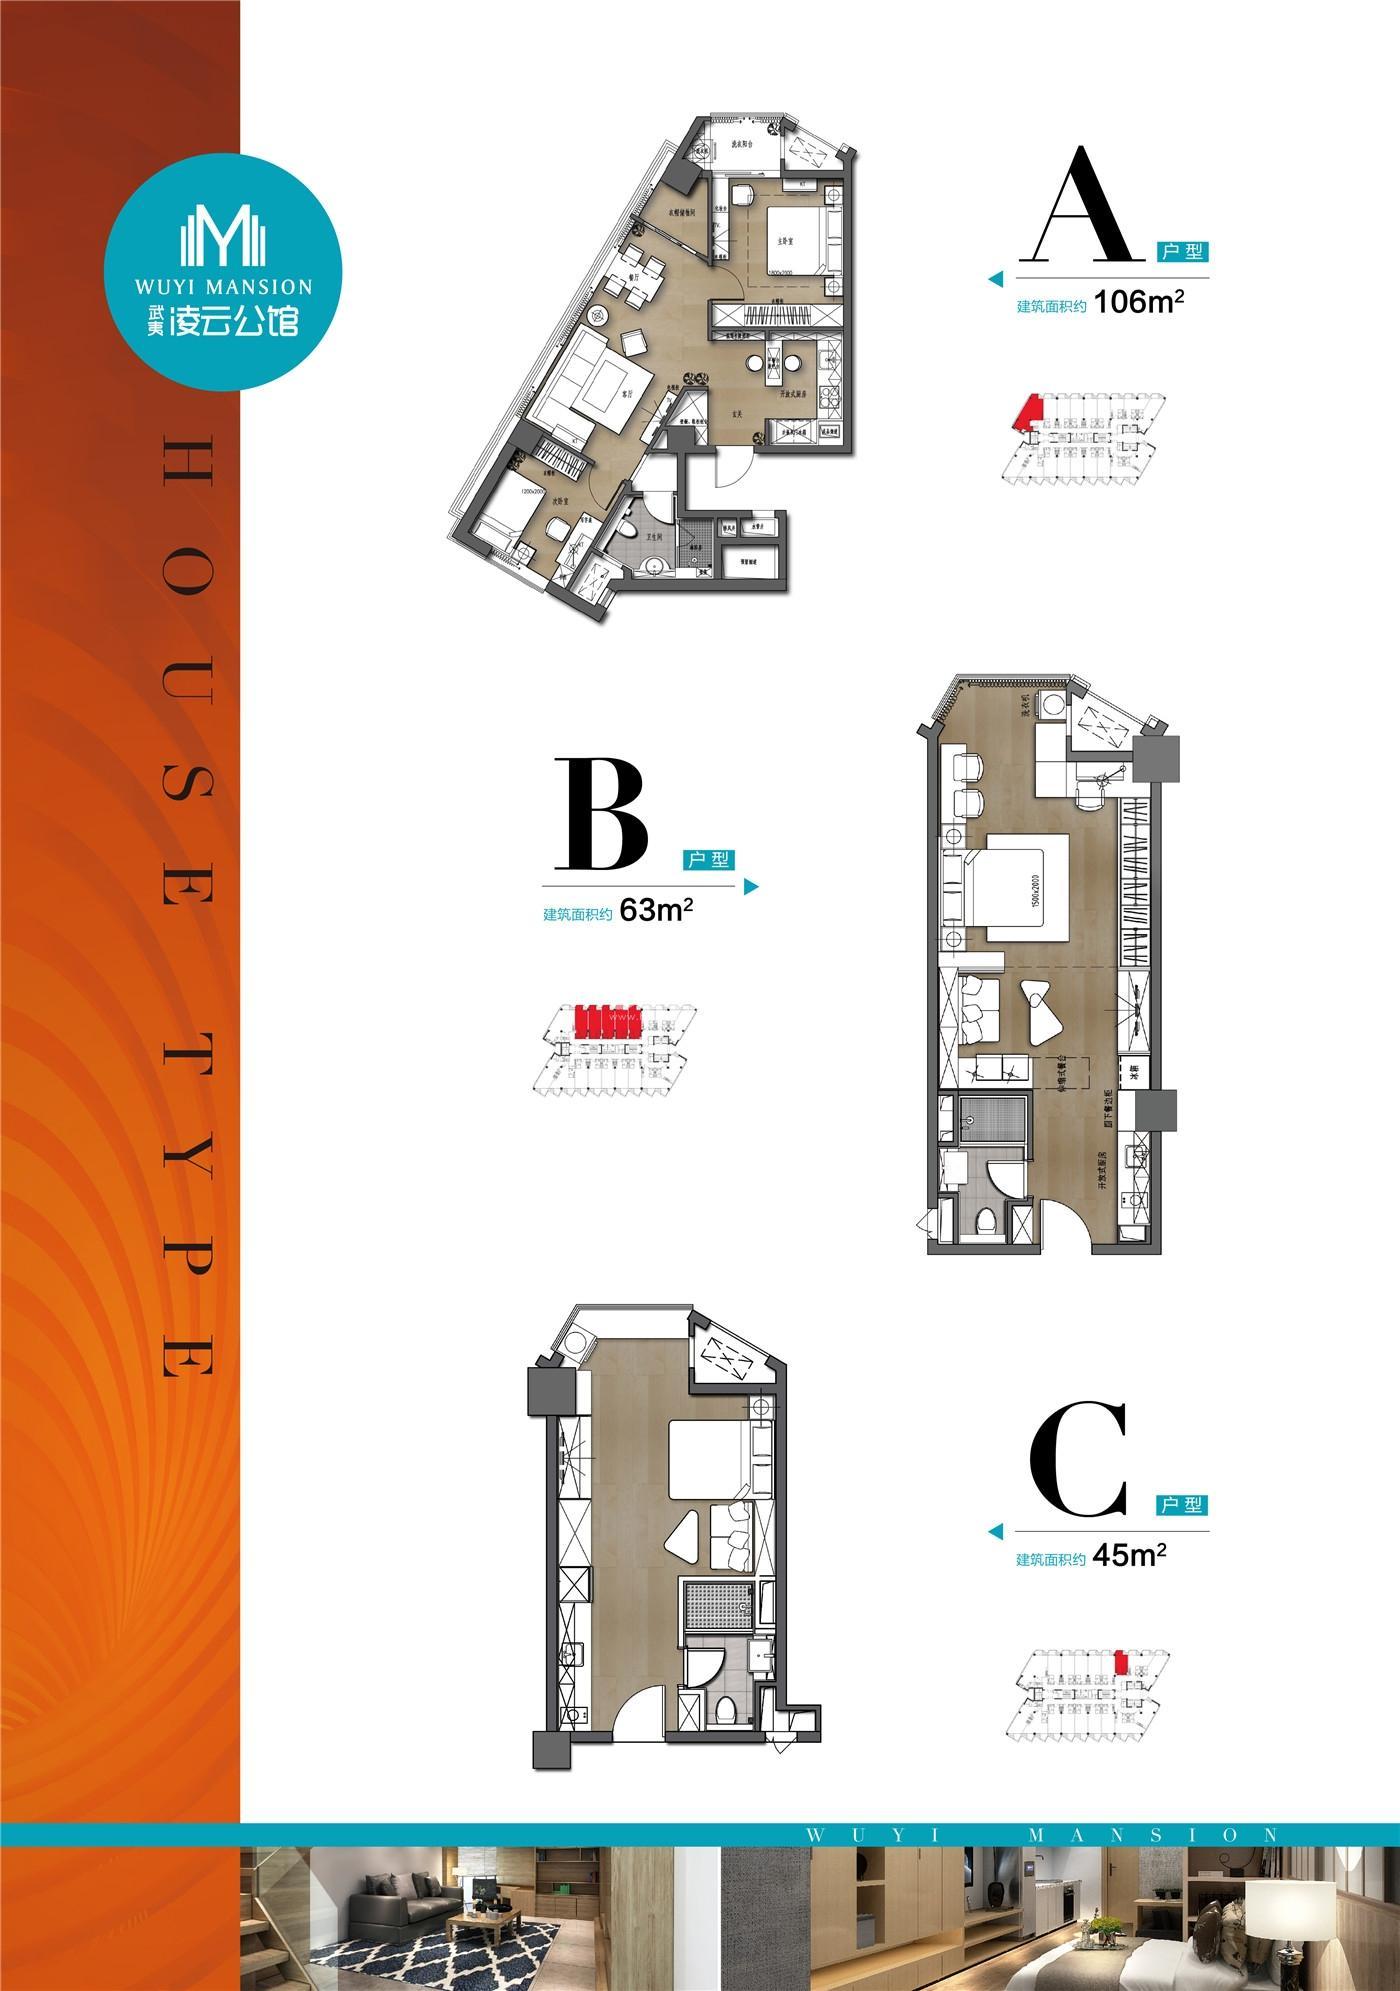 武夷凌云公馆A(106㎡)、B(63㎡)、C(45㎡)户型